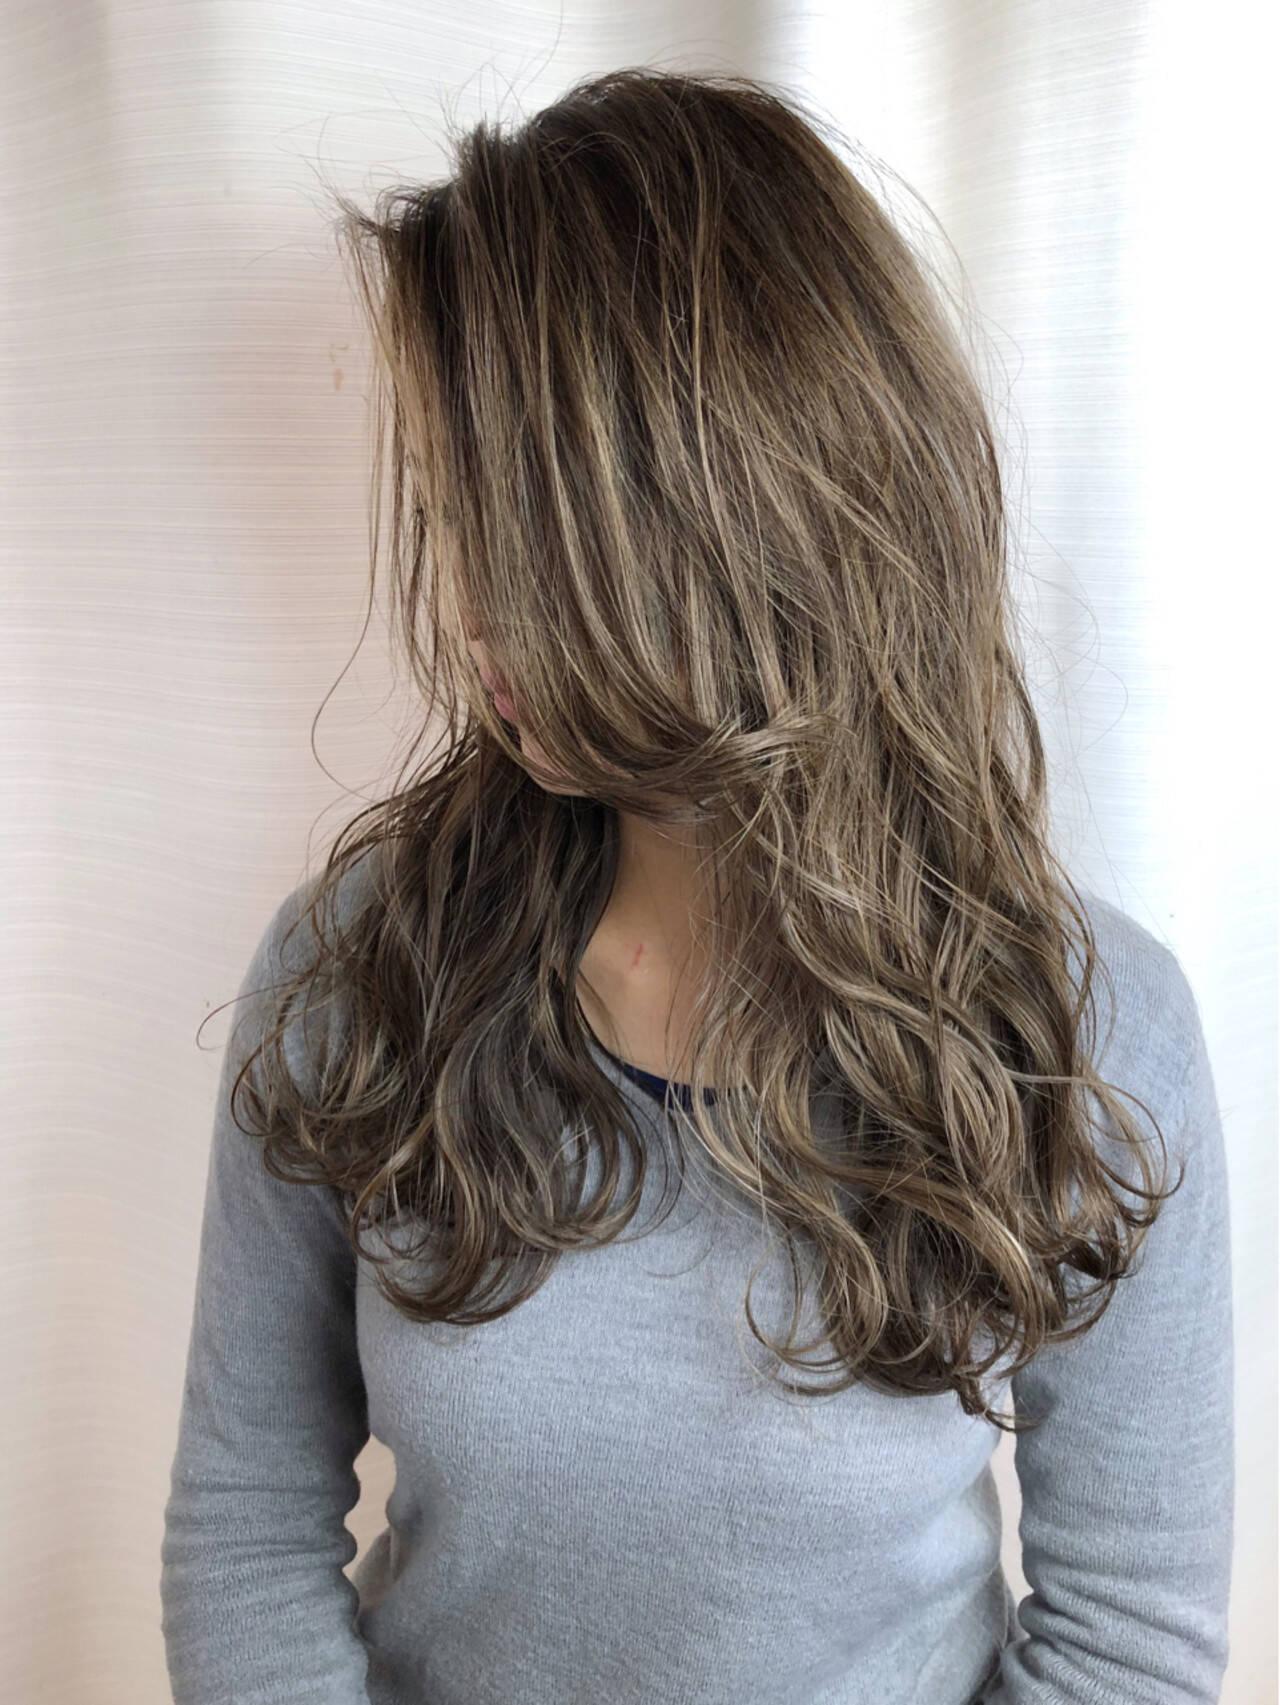 アッシュ フェミニン 外国人風カラー ハイライトヘアスタイルや髪型の写真・画像